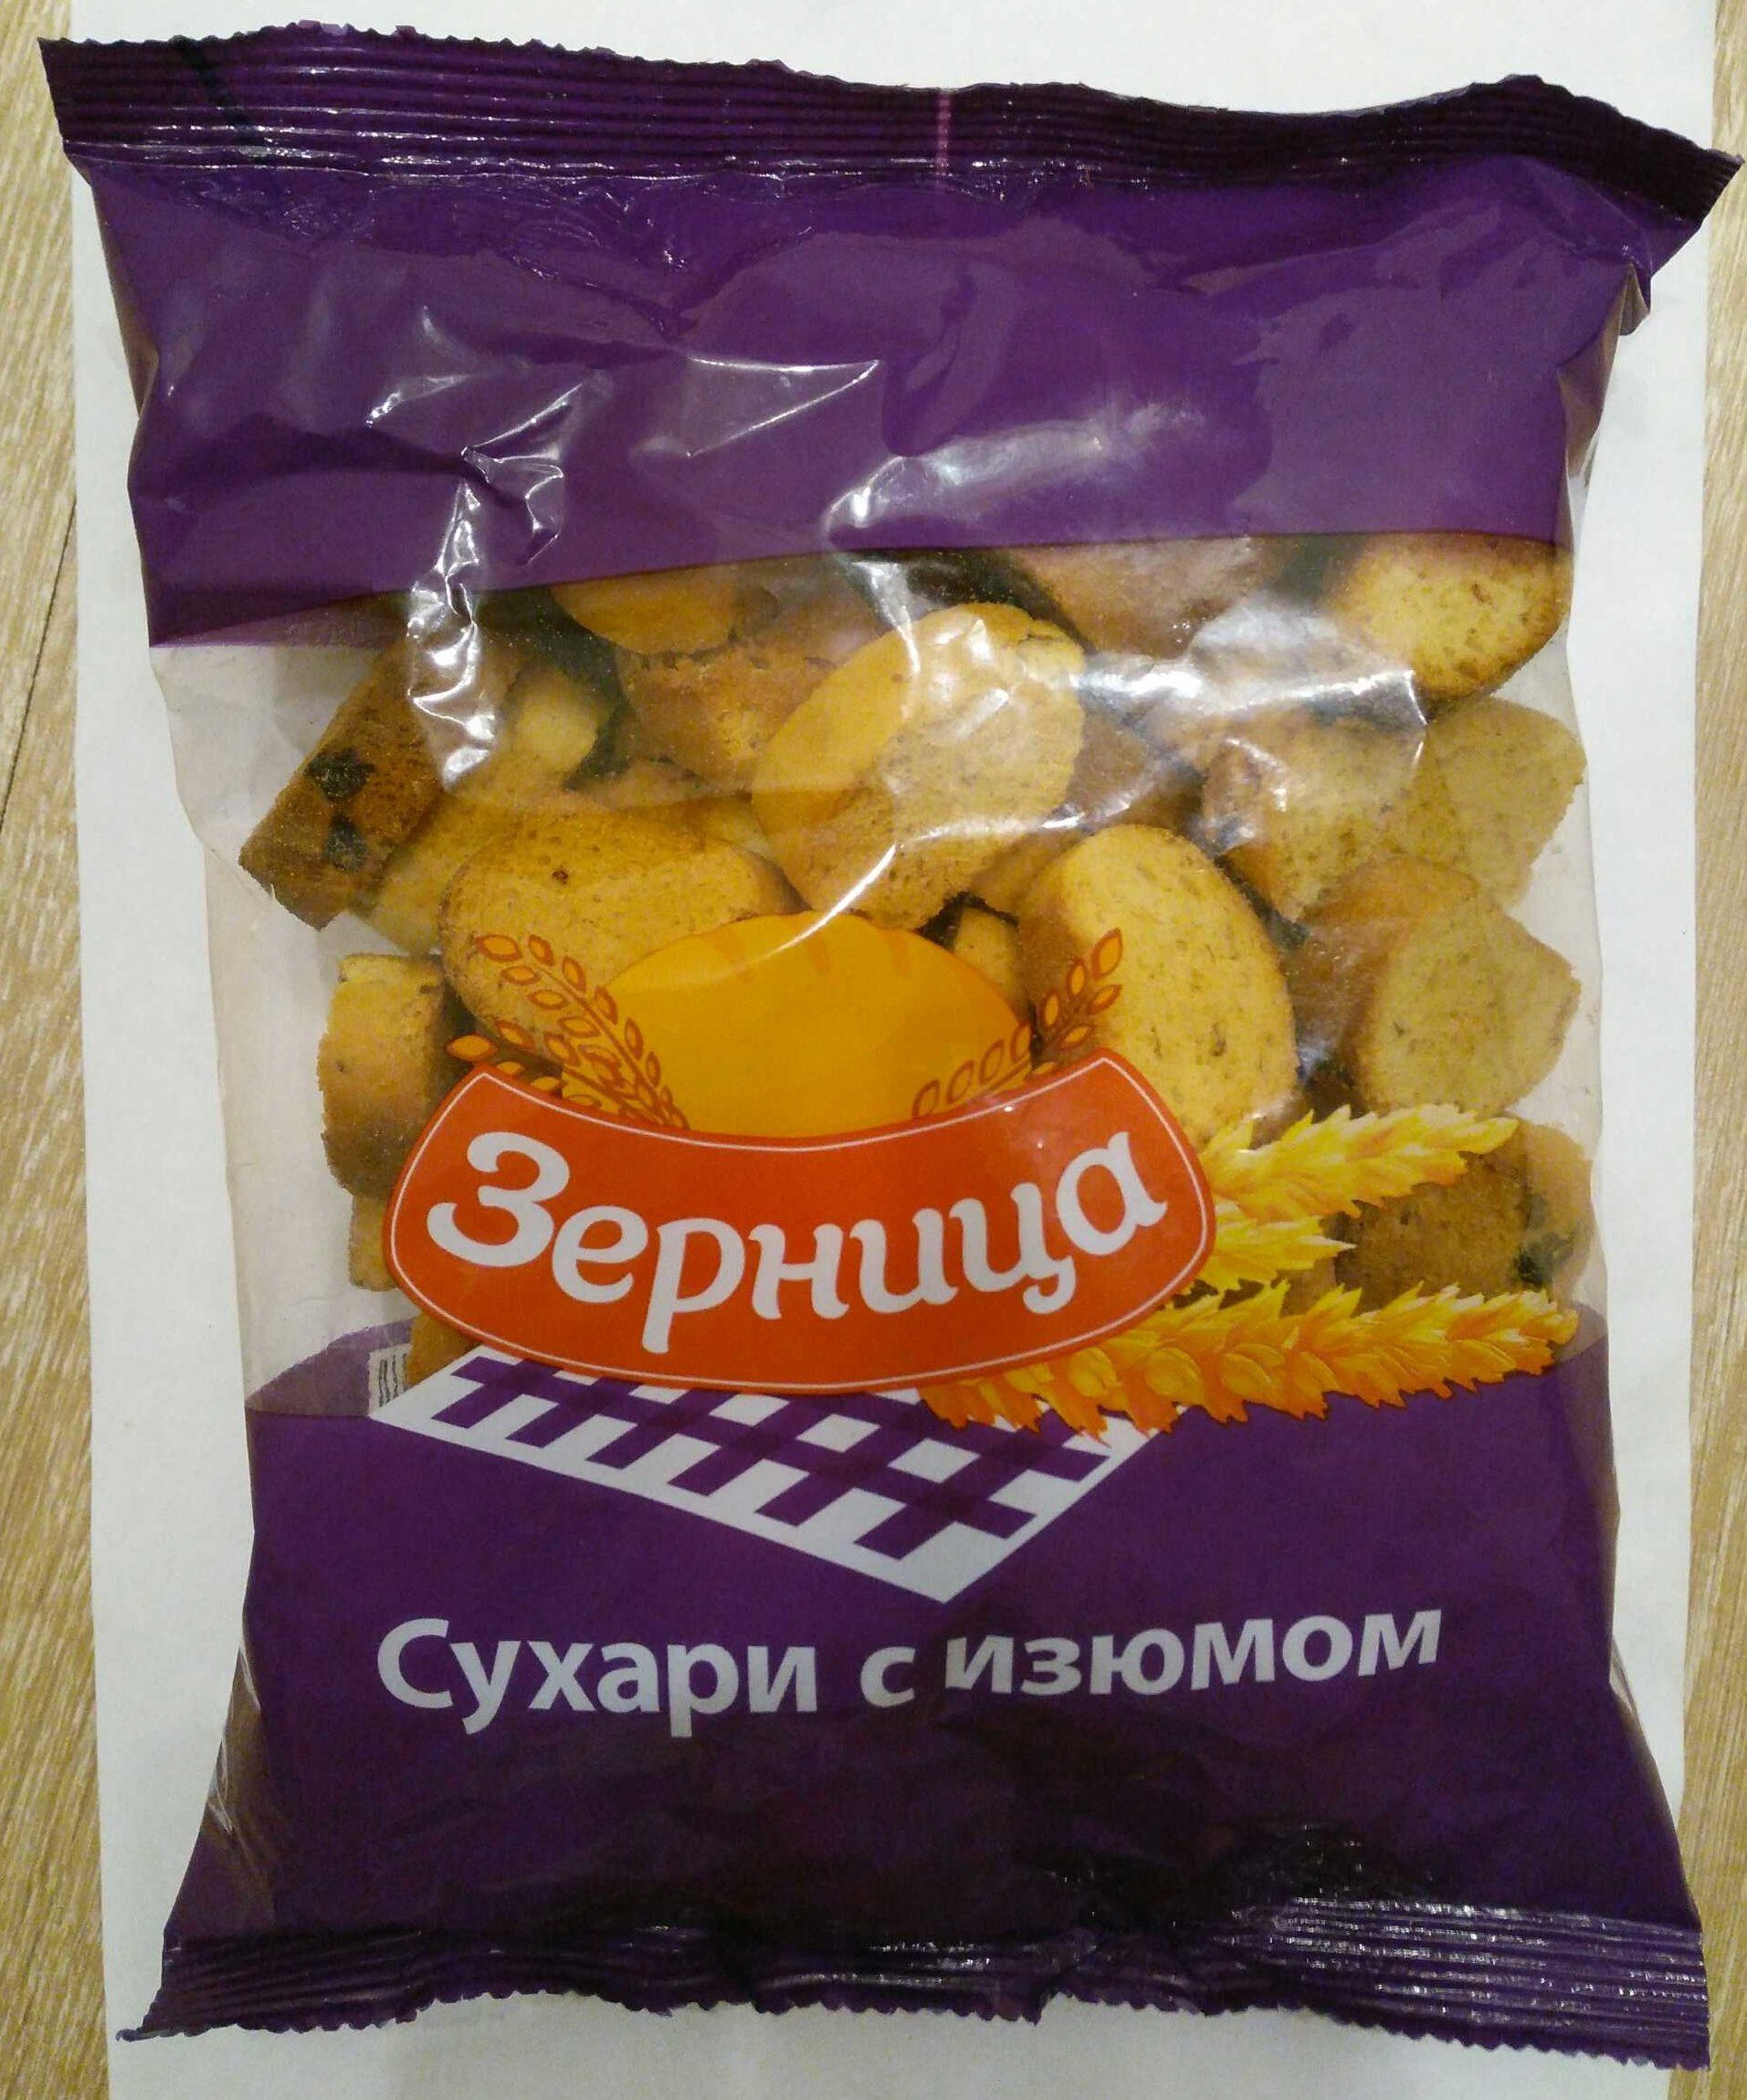 Сухари с изюмом - Produkt